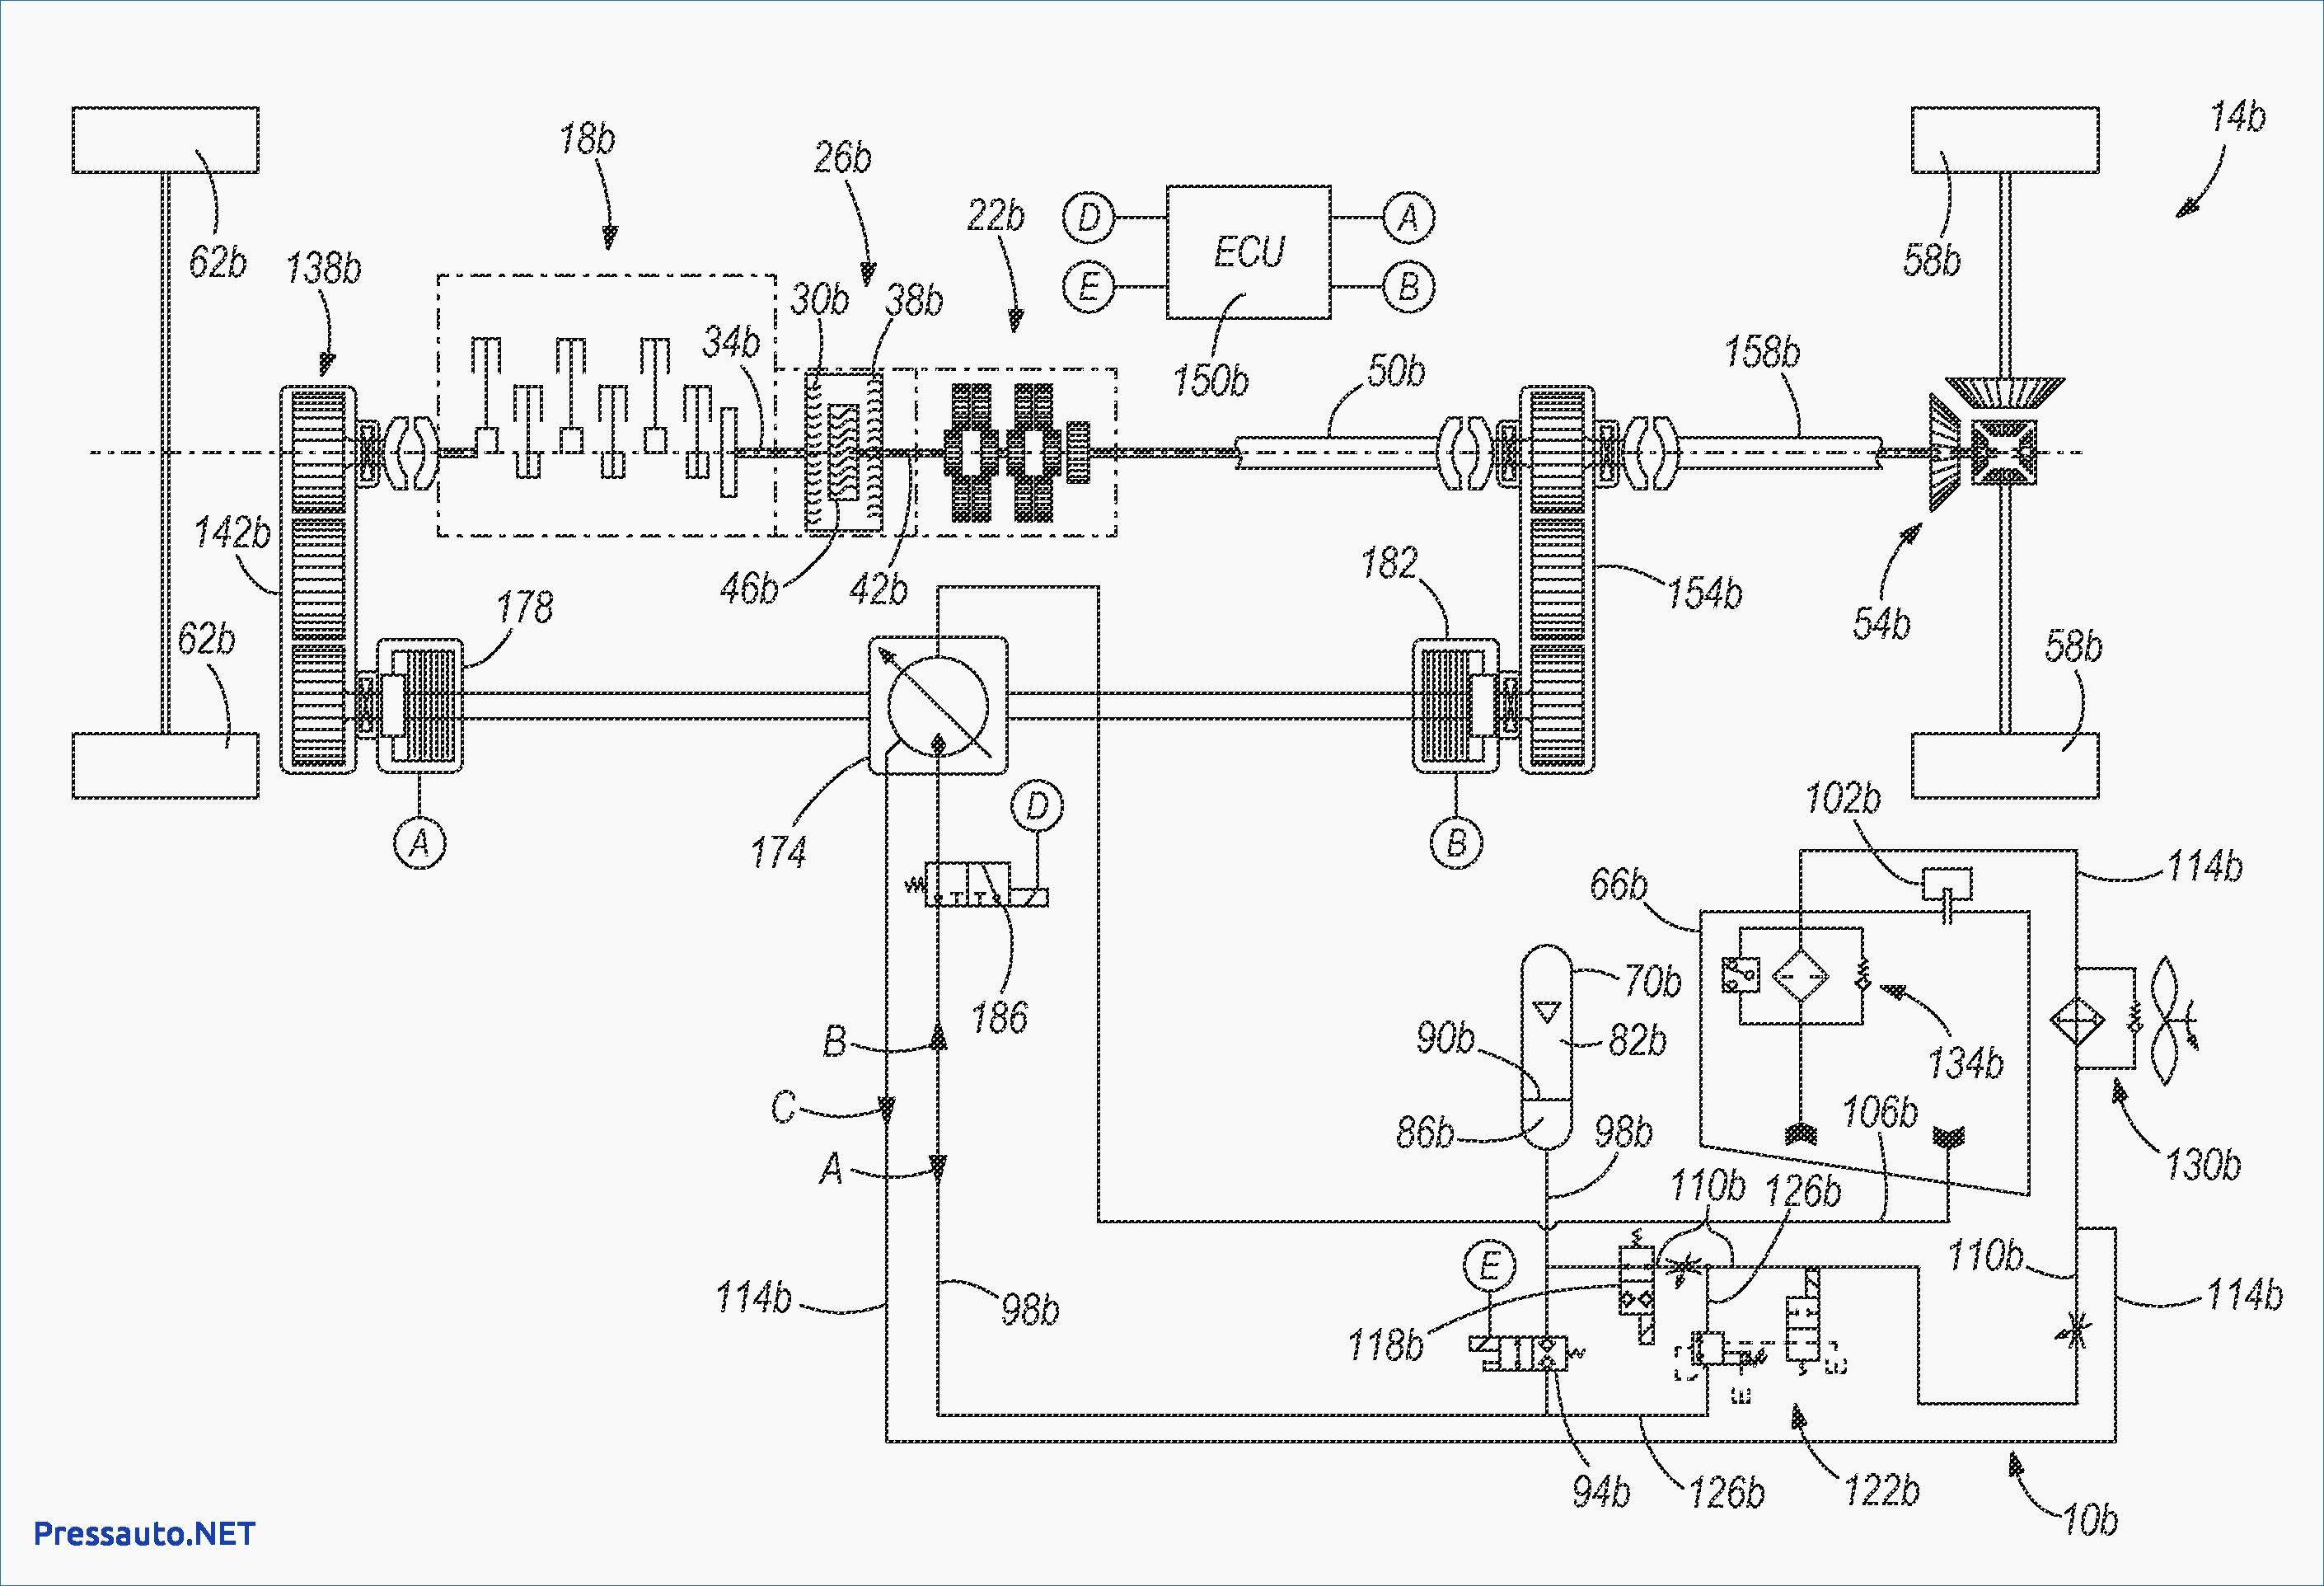 2000 Coleman Pop Up Camper Wiring Diagram | Wiring Diagram - Coleman Pop Up Camper Wiring Diagram